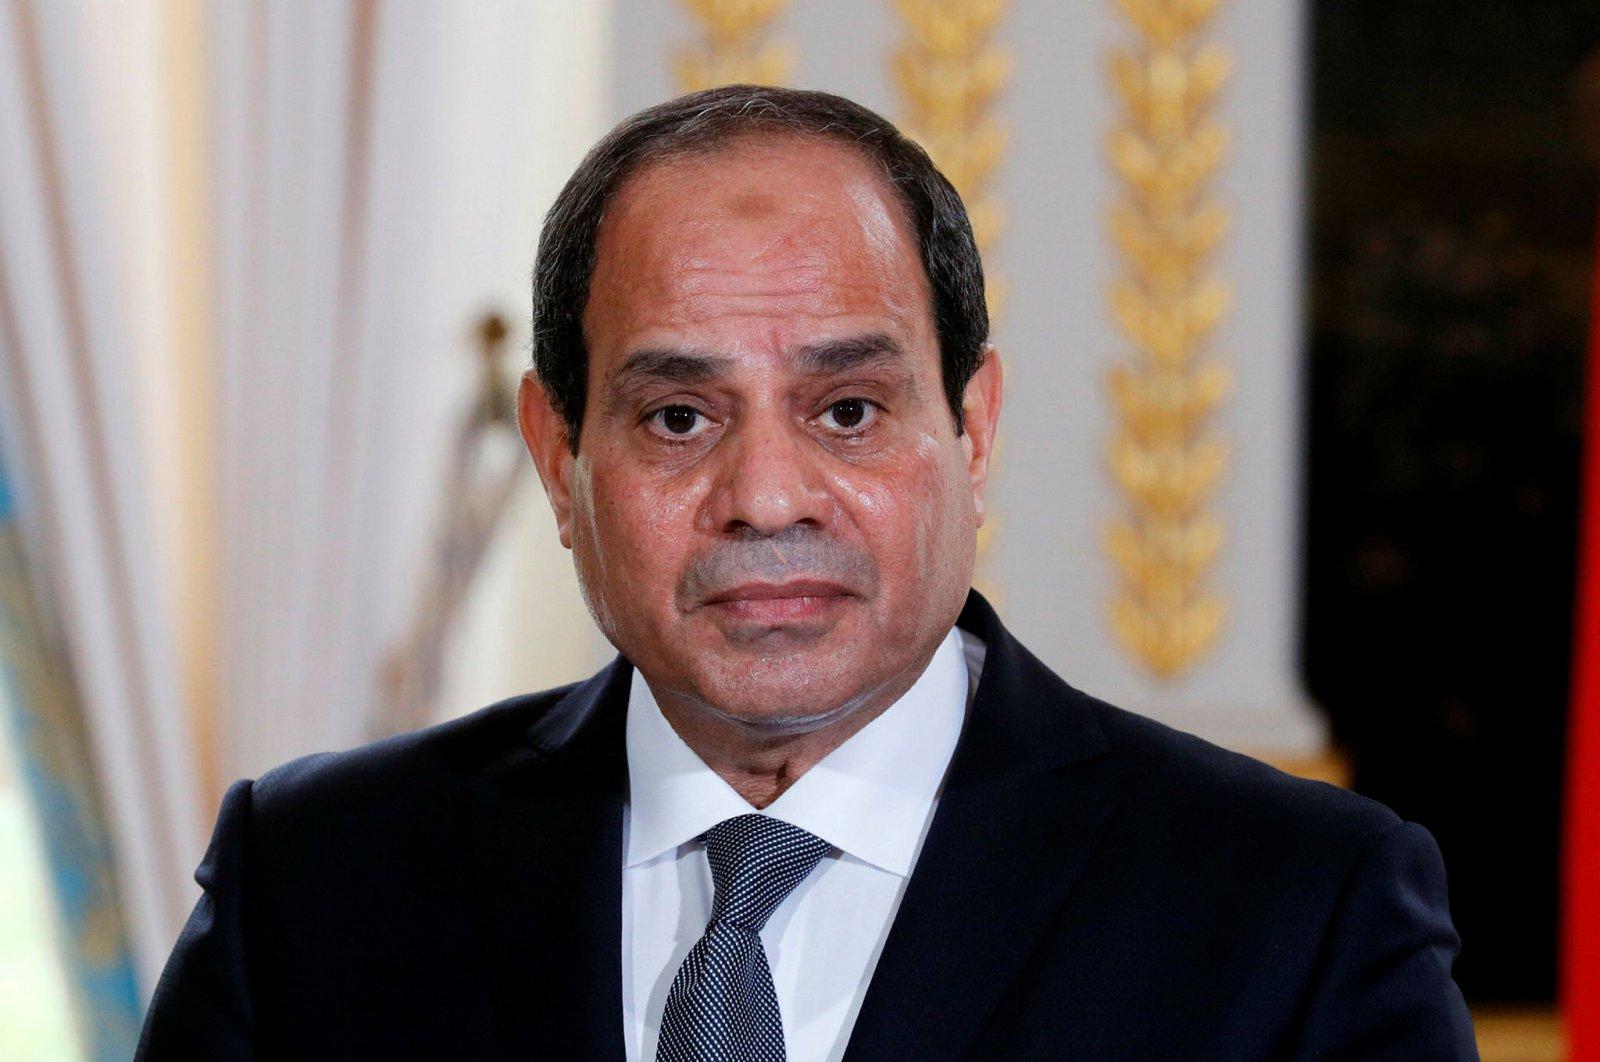 Egypt's President Abdel-Fattah el-Sissi.